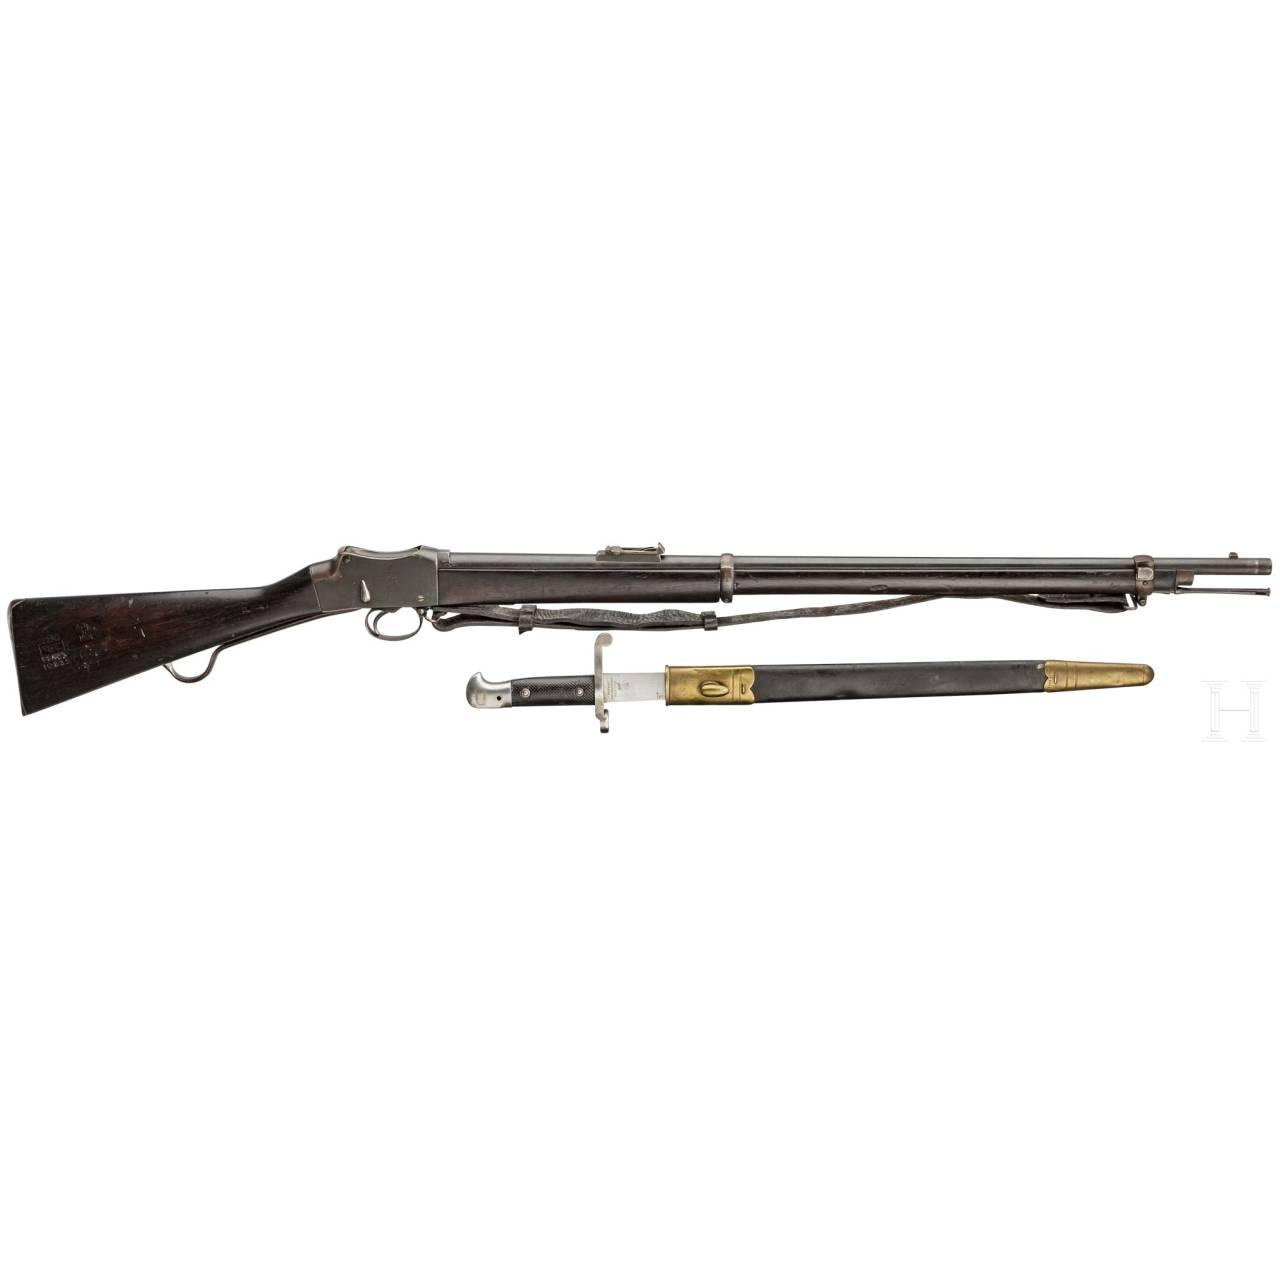 Martini-Henry Rifle Mark IV/1.